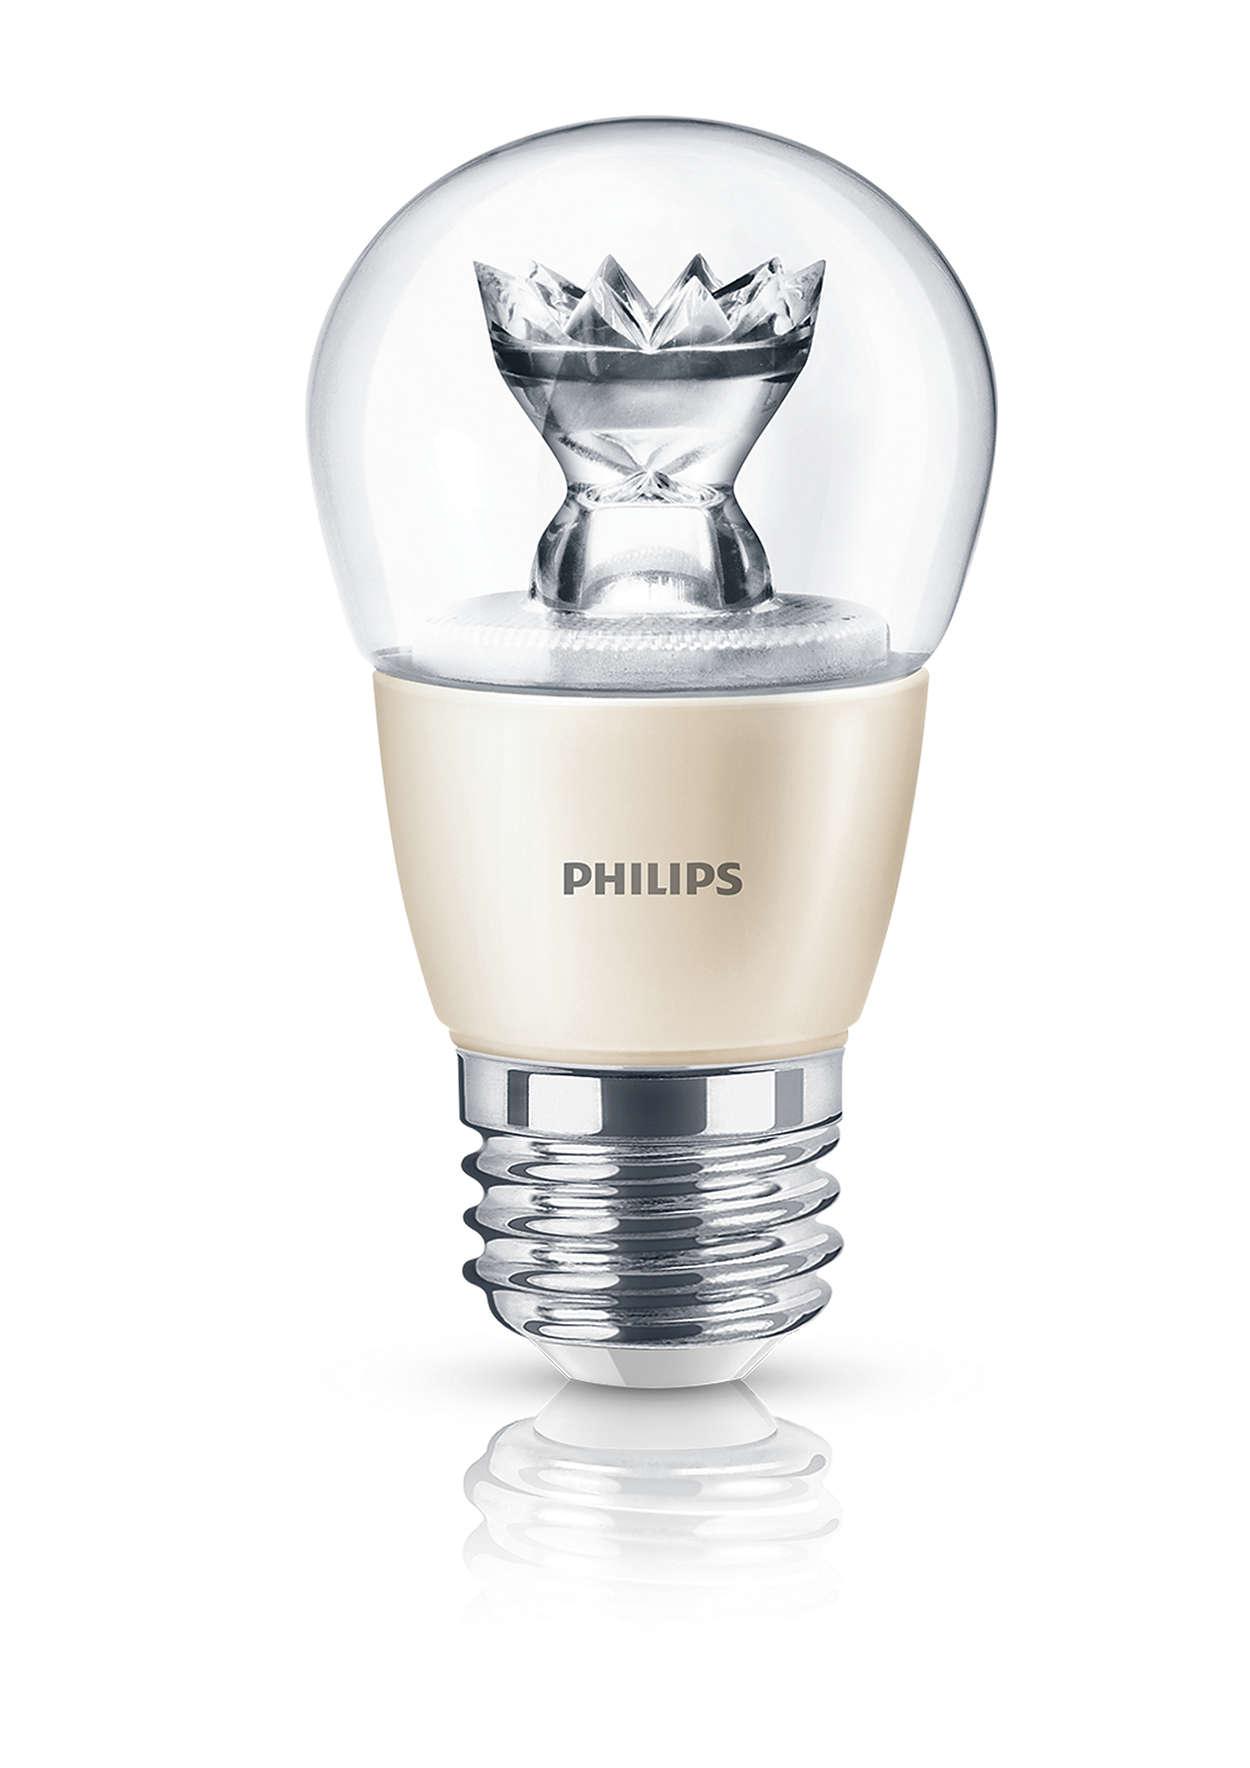 Los focos LED tipo vela transparentes le dan brillo al hogar